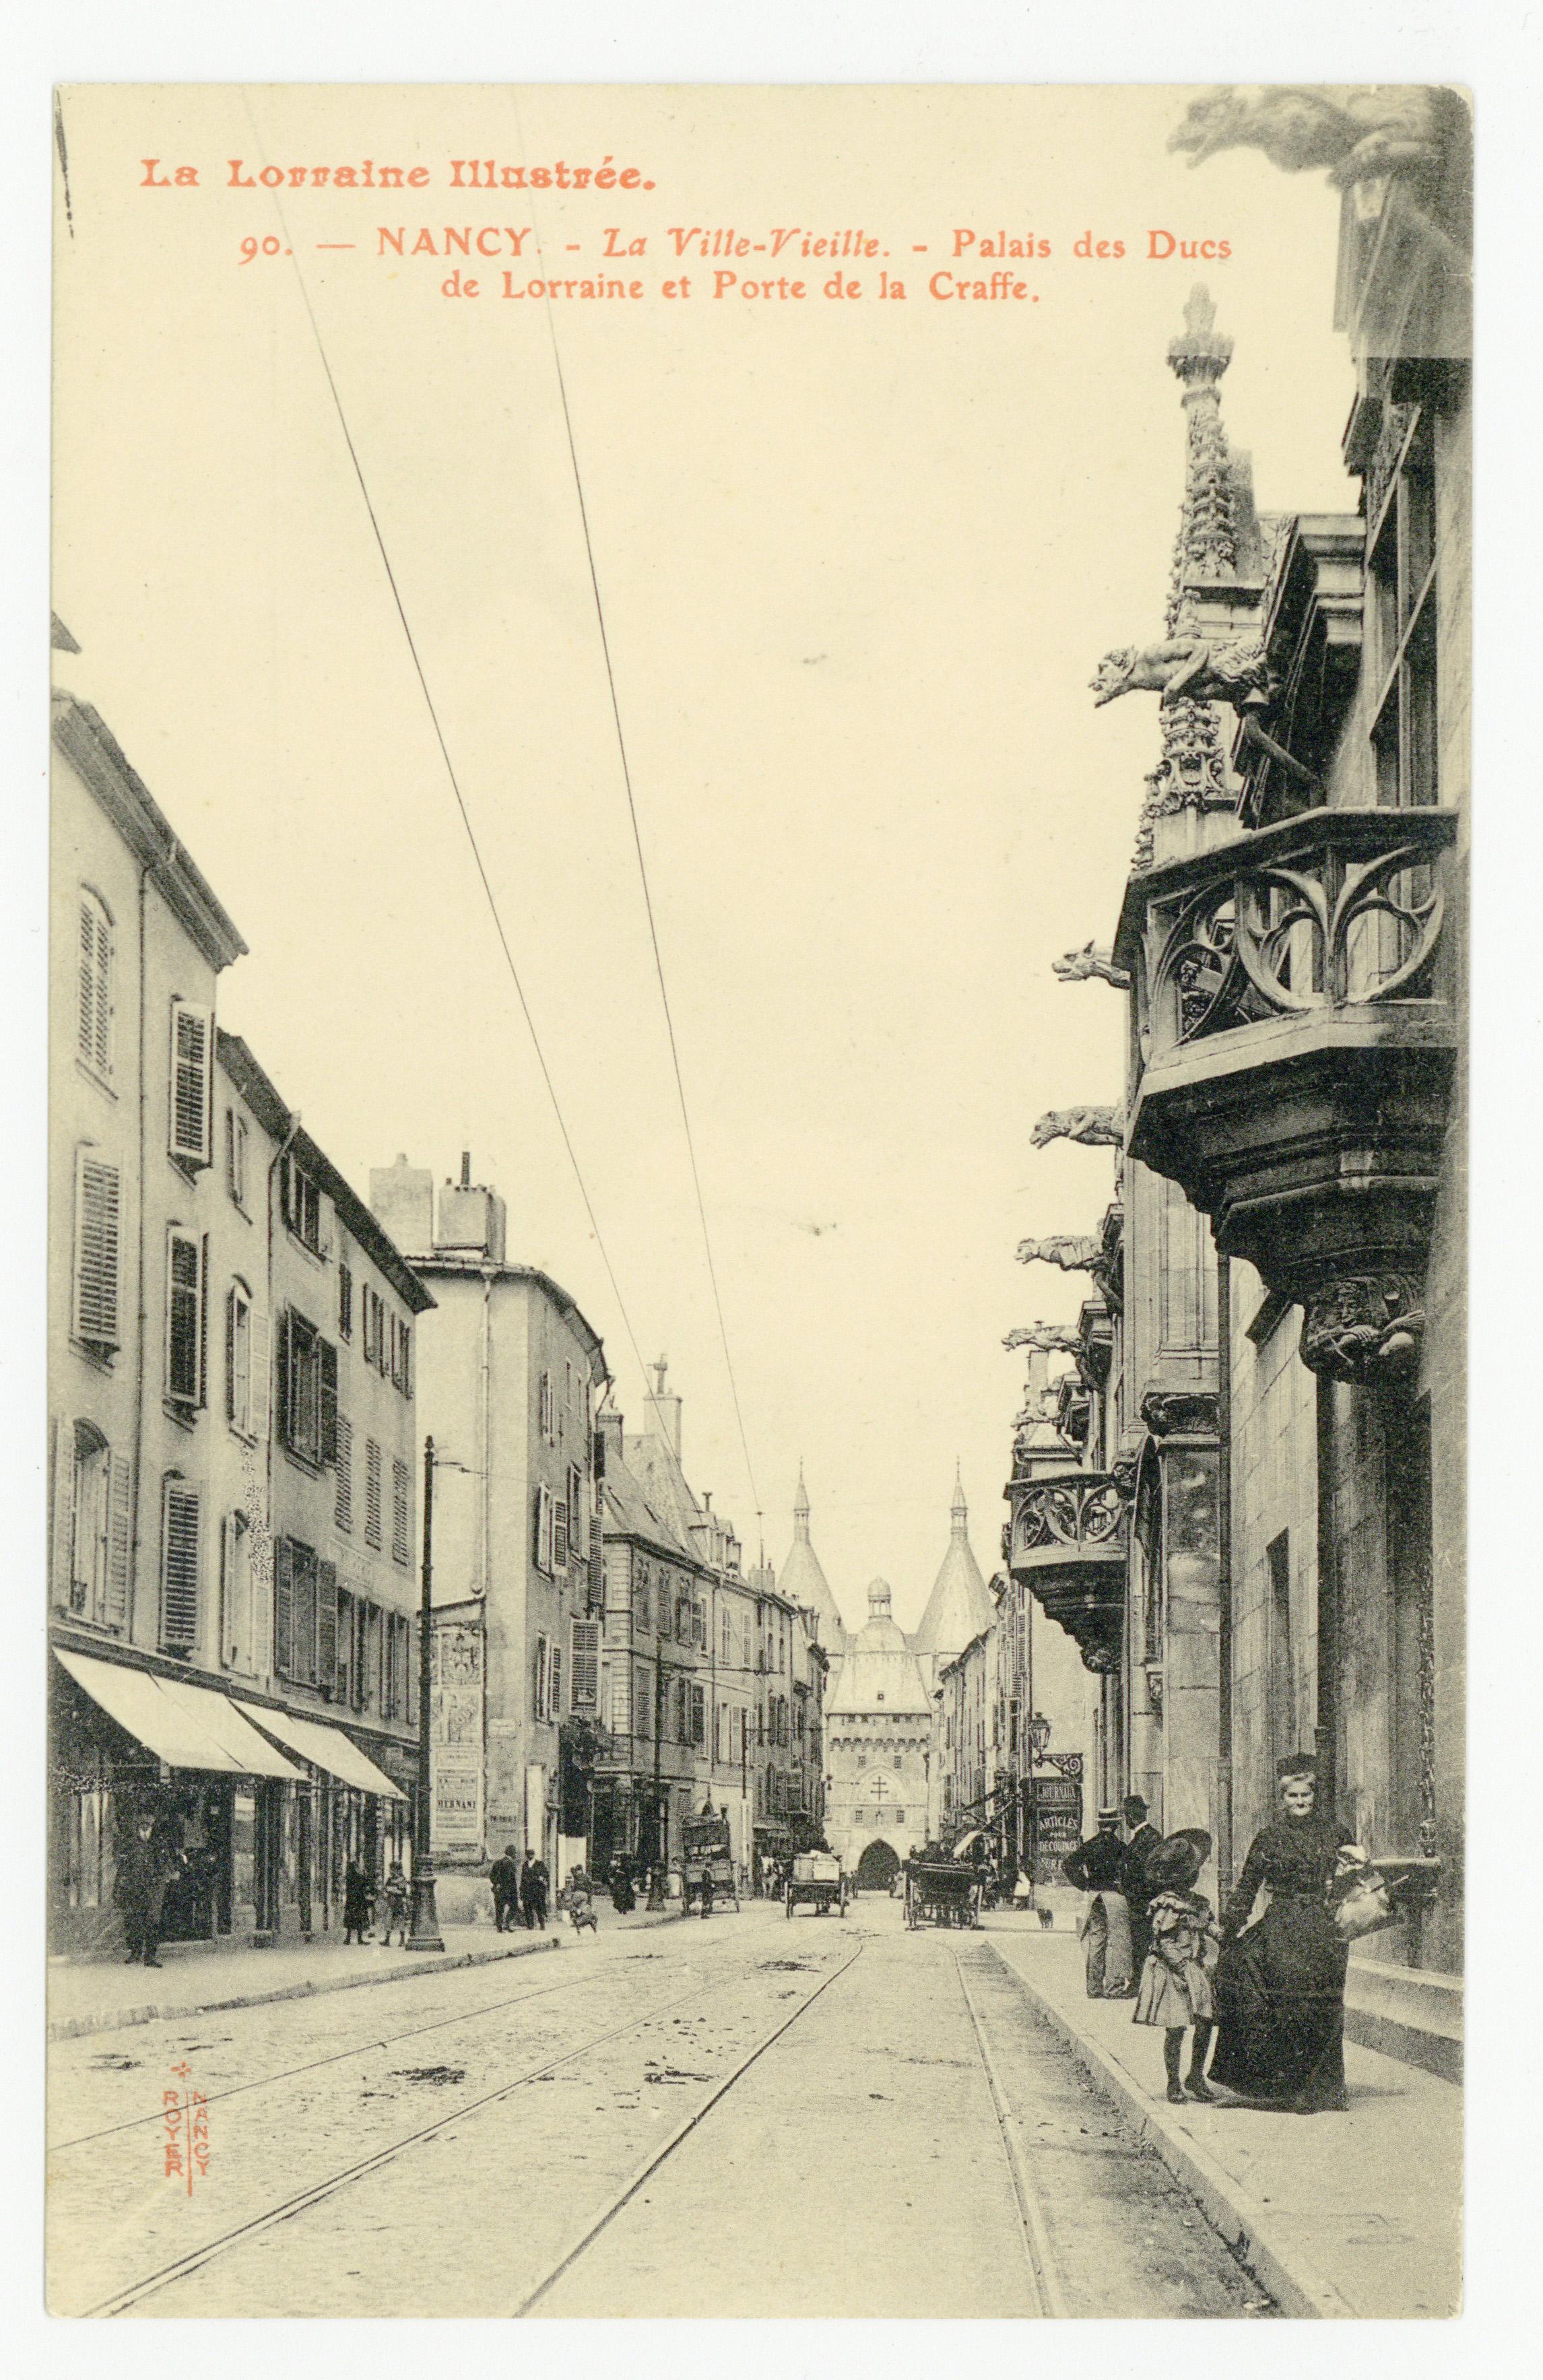 Contenu du Nancy : la Ville-Vieille, Palais des Ducs de Lorraine et Porte de la Craffe. La Lorraine Illustrée